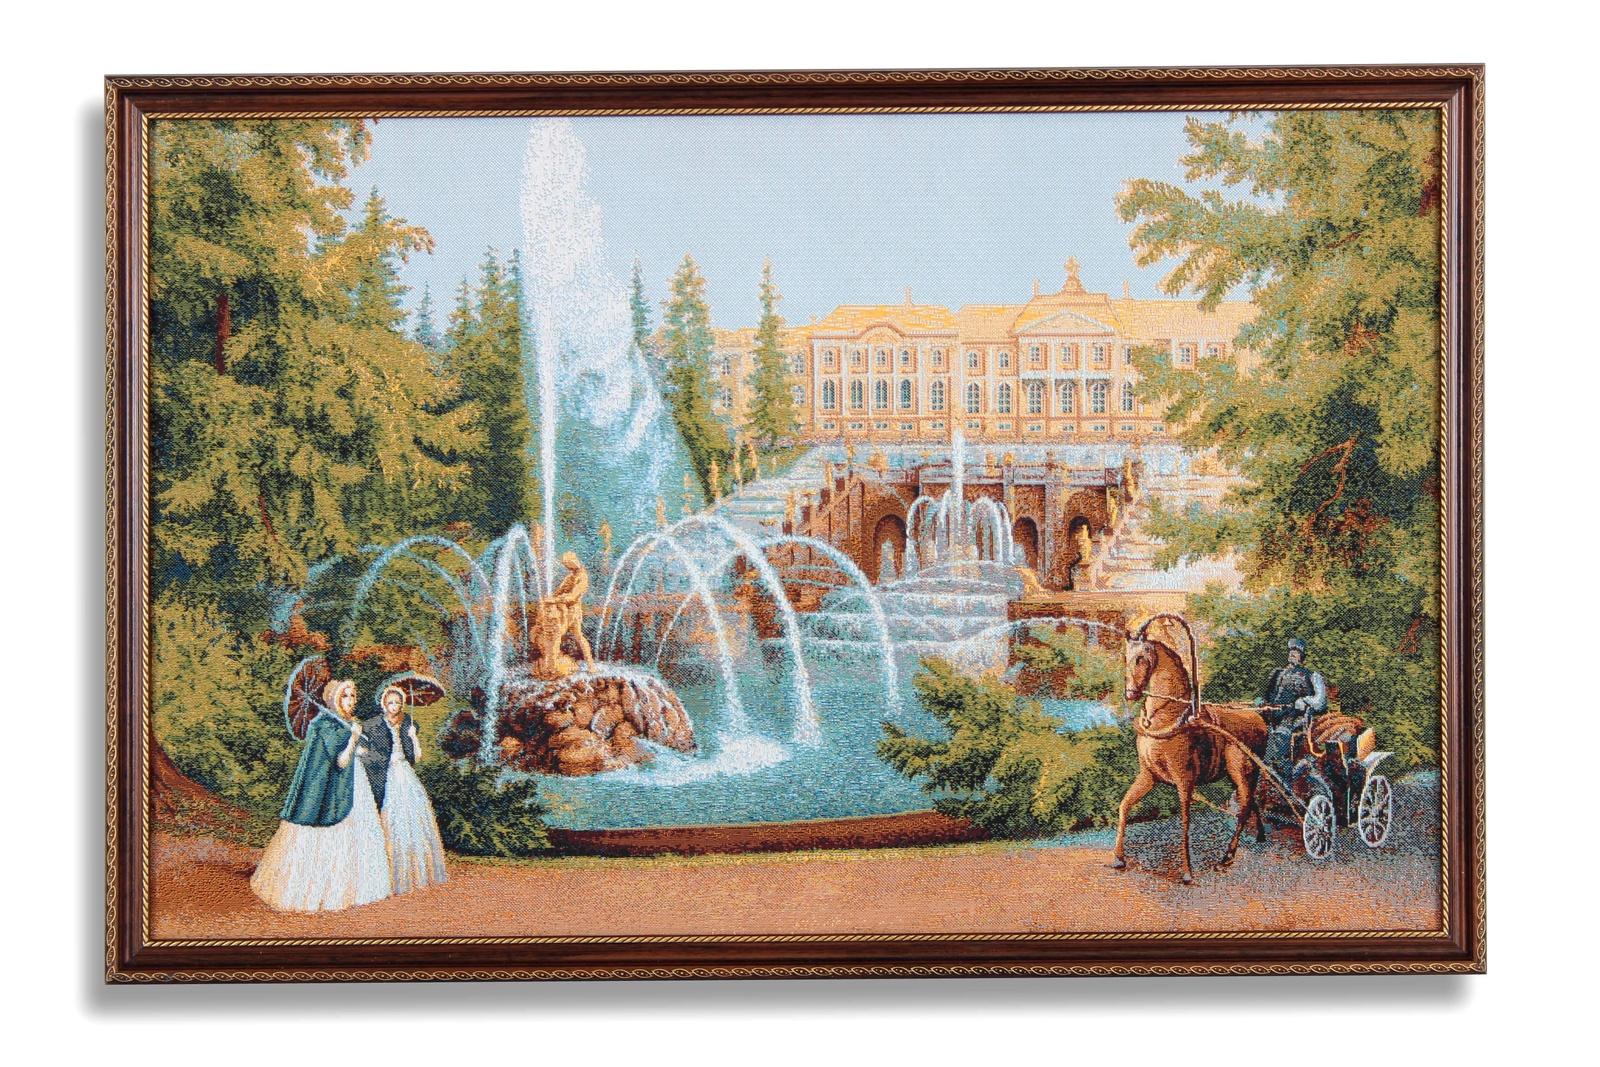 Картина Магазин гобеленов фонтаны Петербурга 55*80 см, Гобелен бассейны и фонтаны